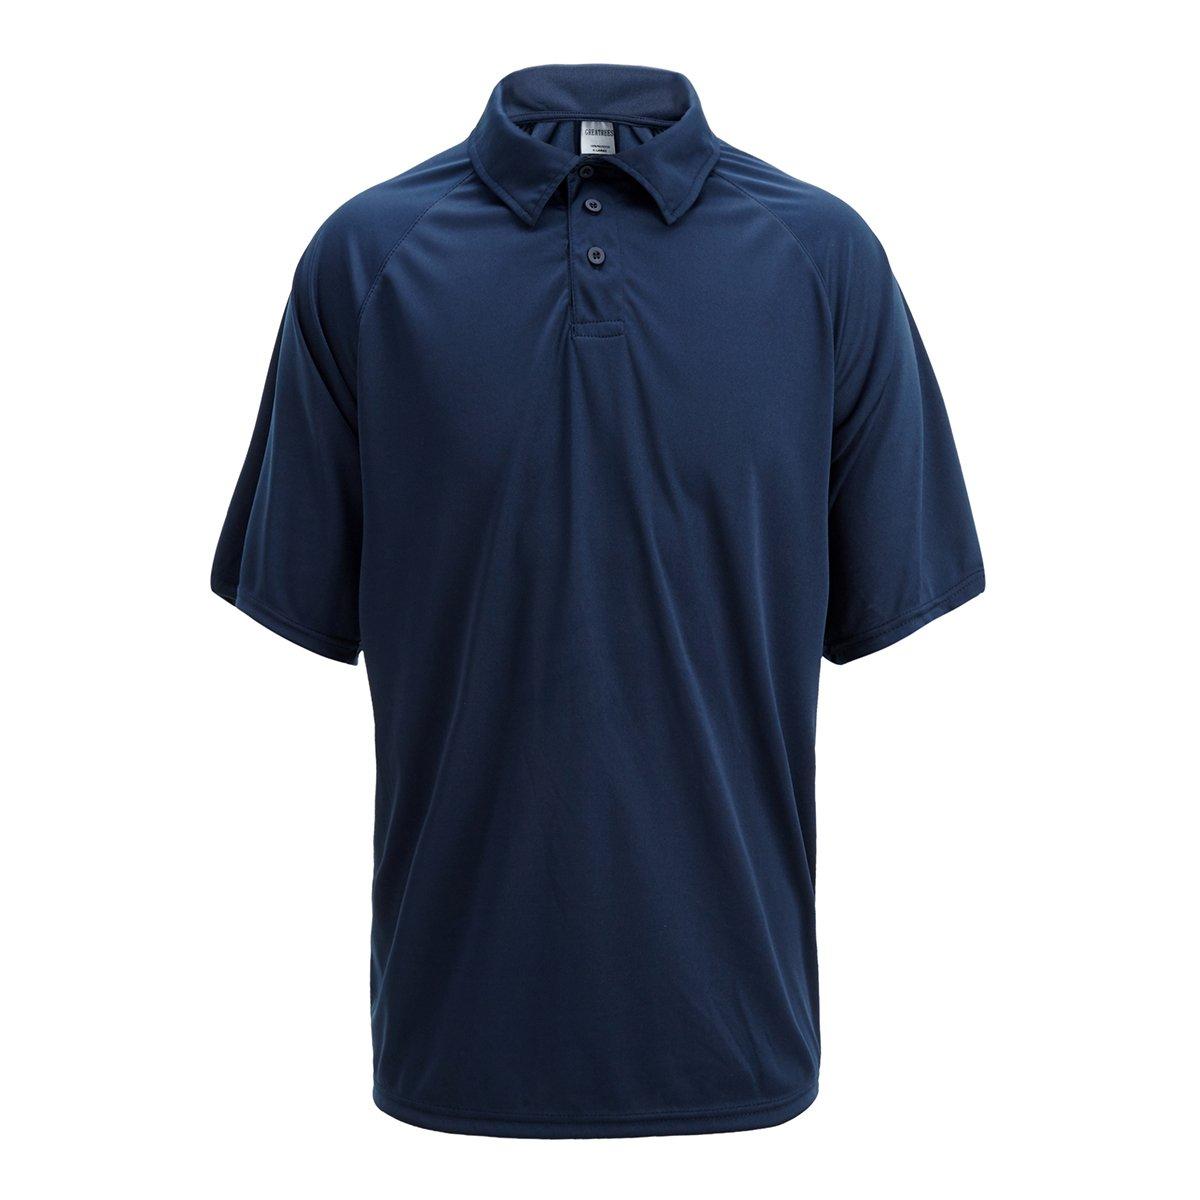 KingPlusSports Mens Breathable Short Sleeve Polo Shirt USKP18011403